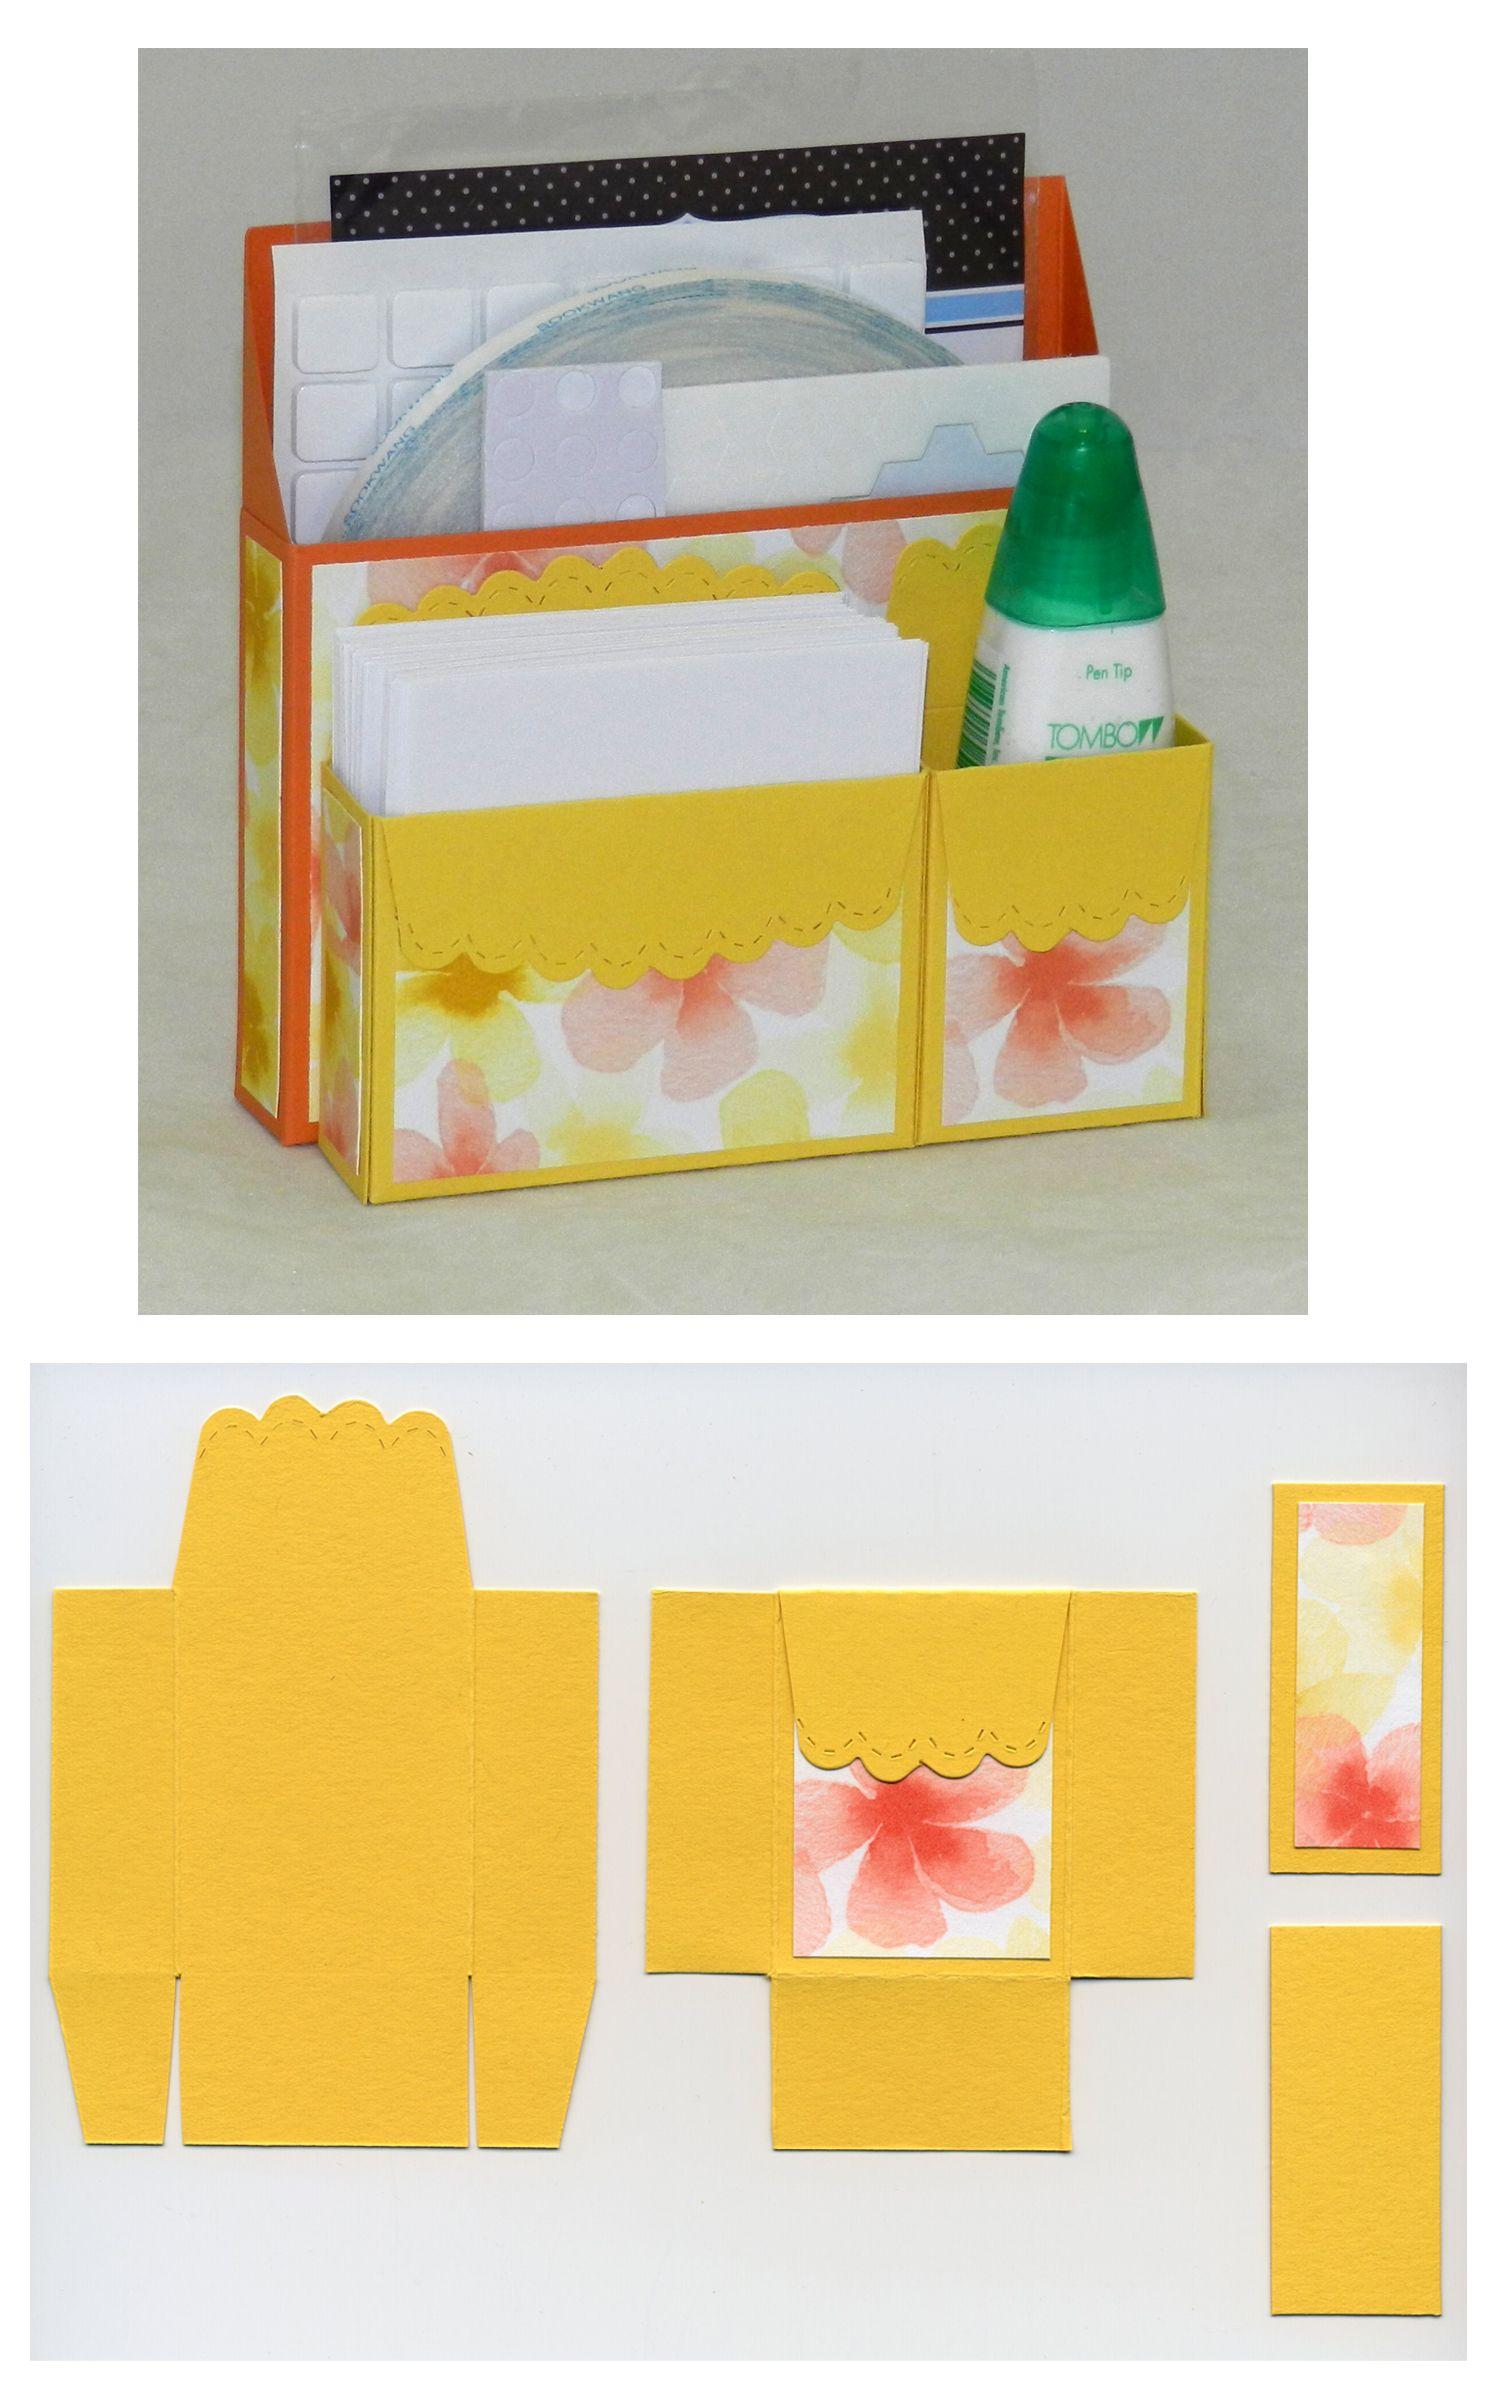 Desk caddy watercolor wonder dsp su scallop envelope die cased